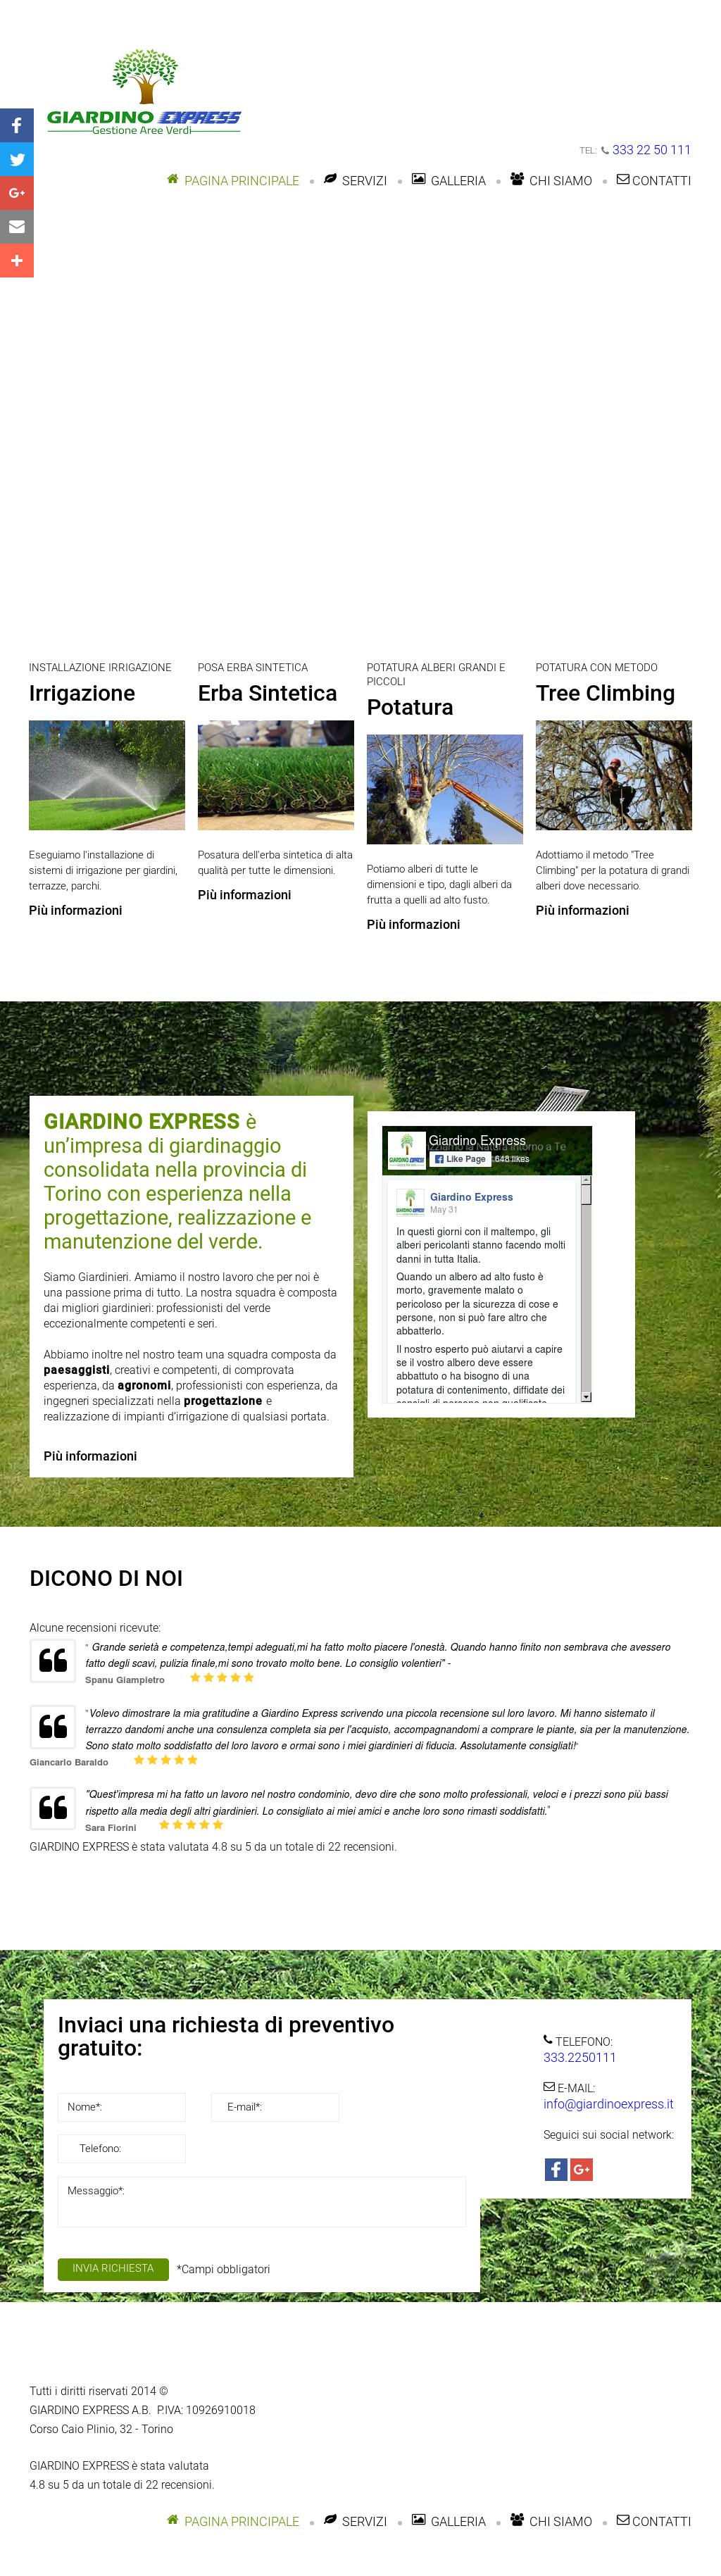 Grandi Alberi Da Giardini giardino express competitors, revenue and employees - owler